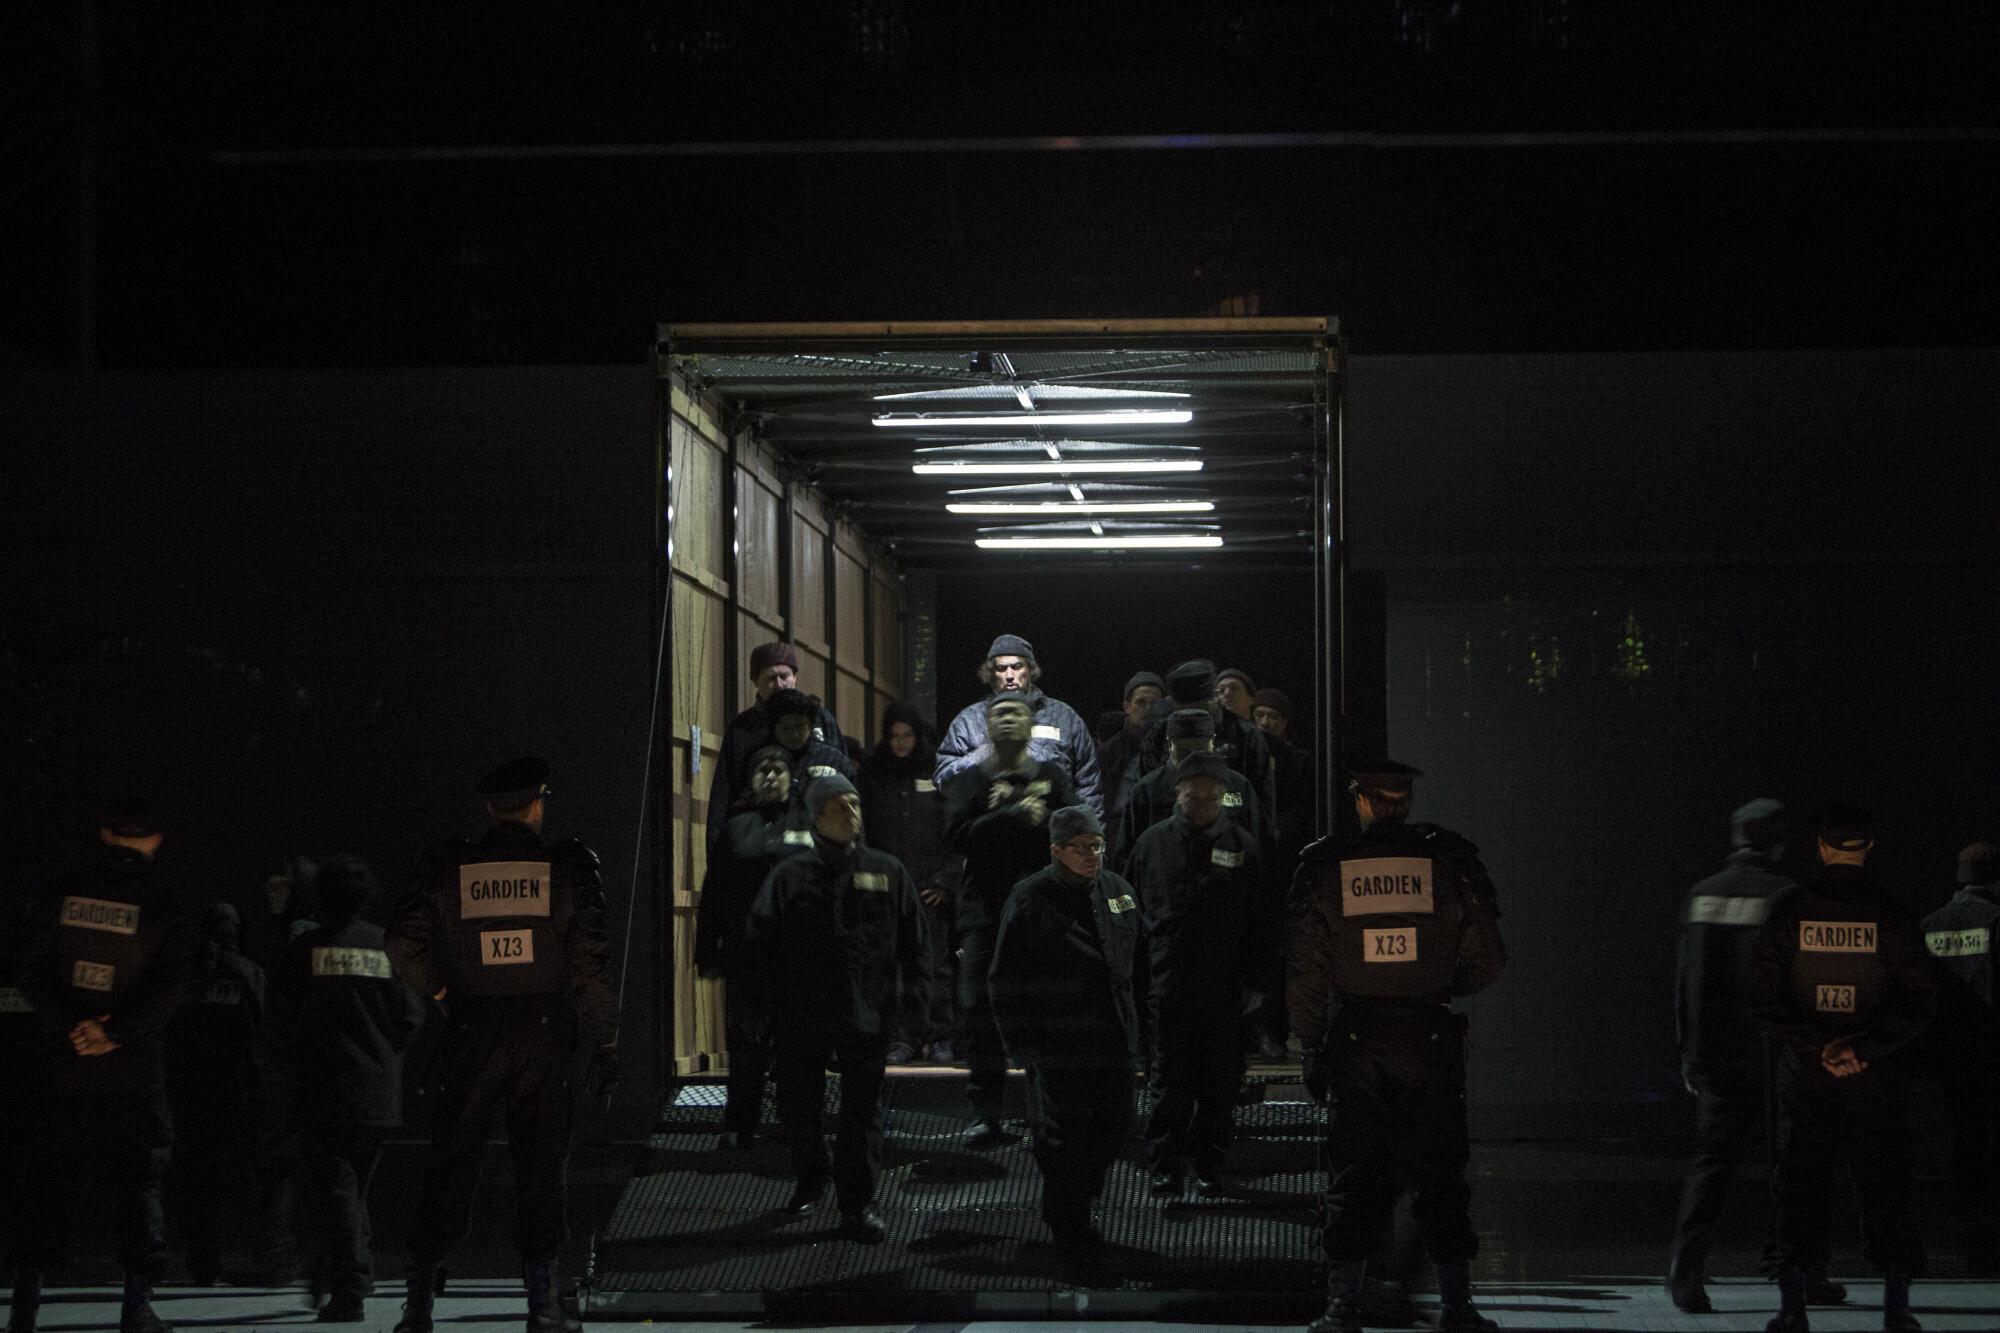 «Леди Макбет Мценского уезда» на сцене Парижской оперы. Третий акт, тюремная сцена.  Апрель 2019 г.